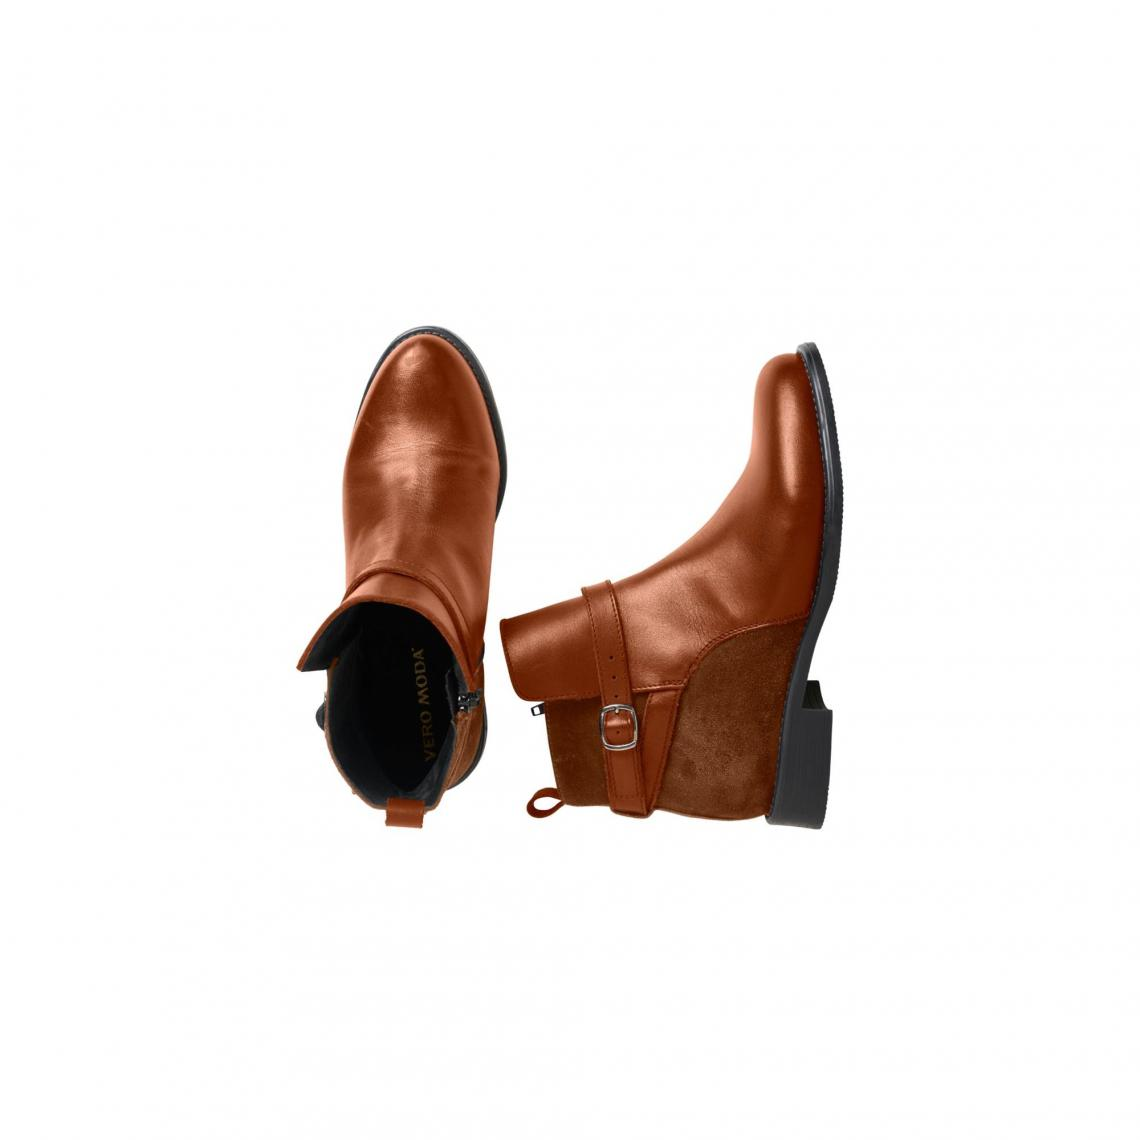 eb26853f58b1 Boots femme Juliette de Vero Moda - Cognac | 3 SUISSES